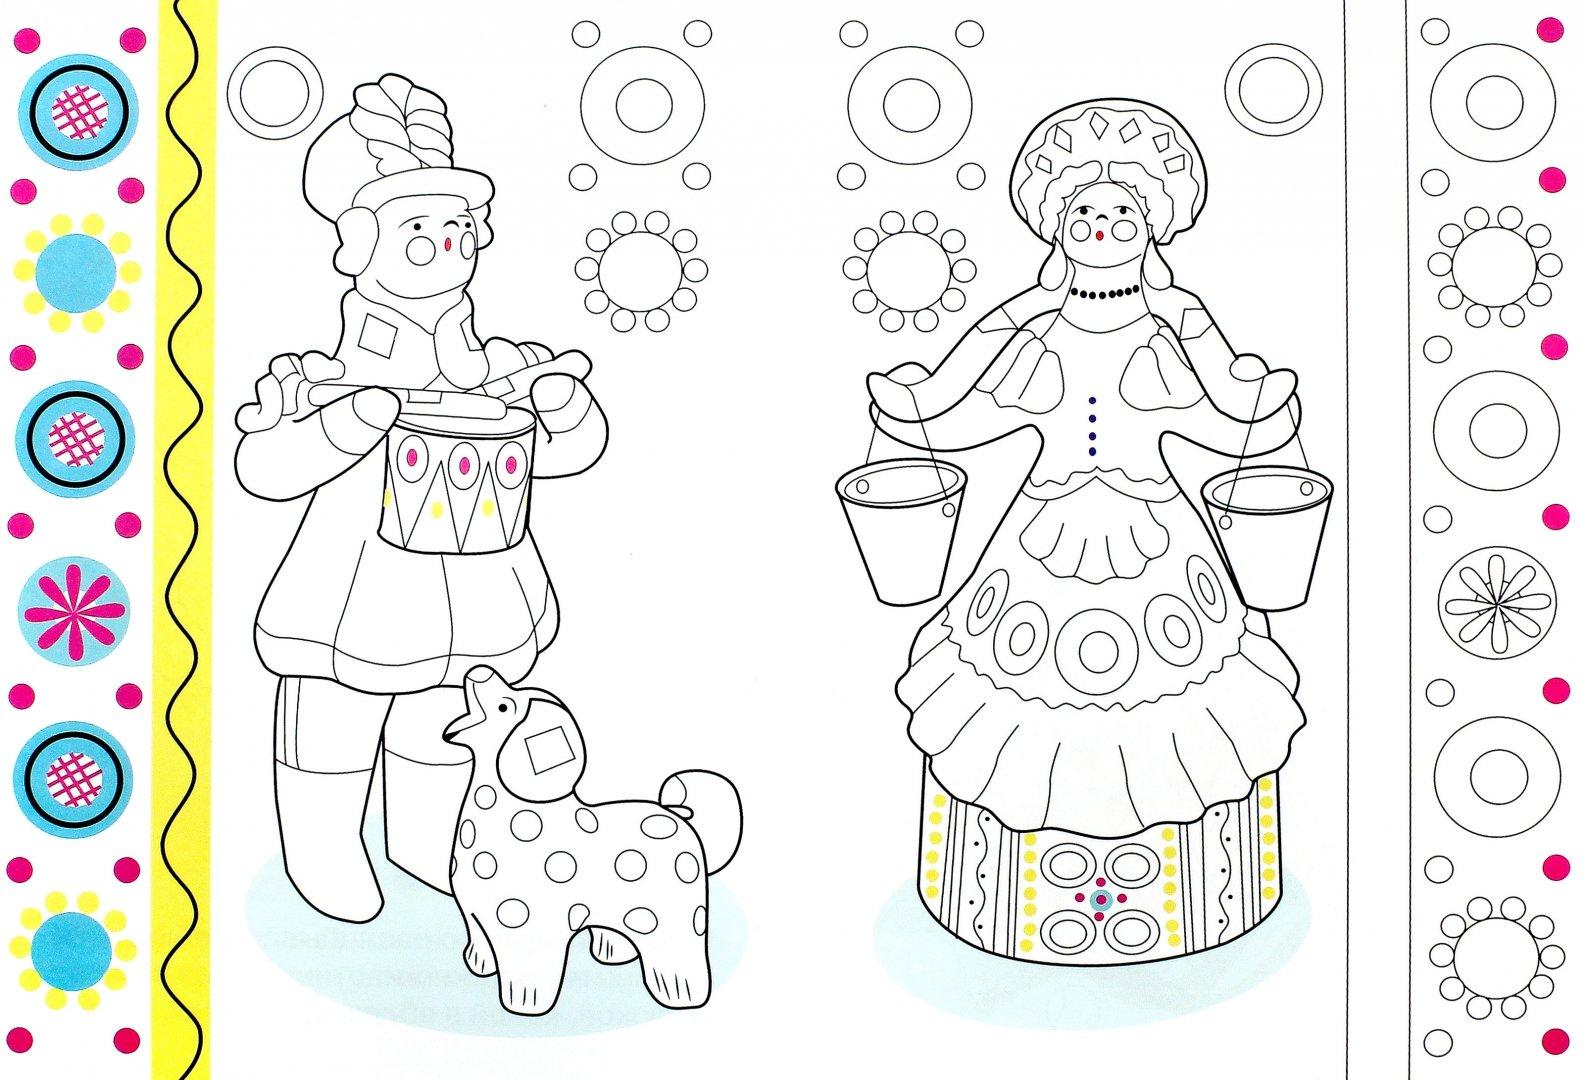 Картинки для росписи дымковской игрушки